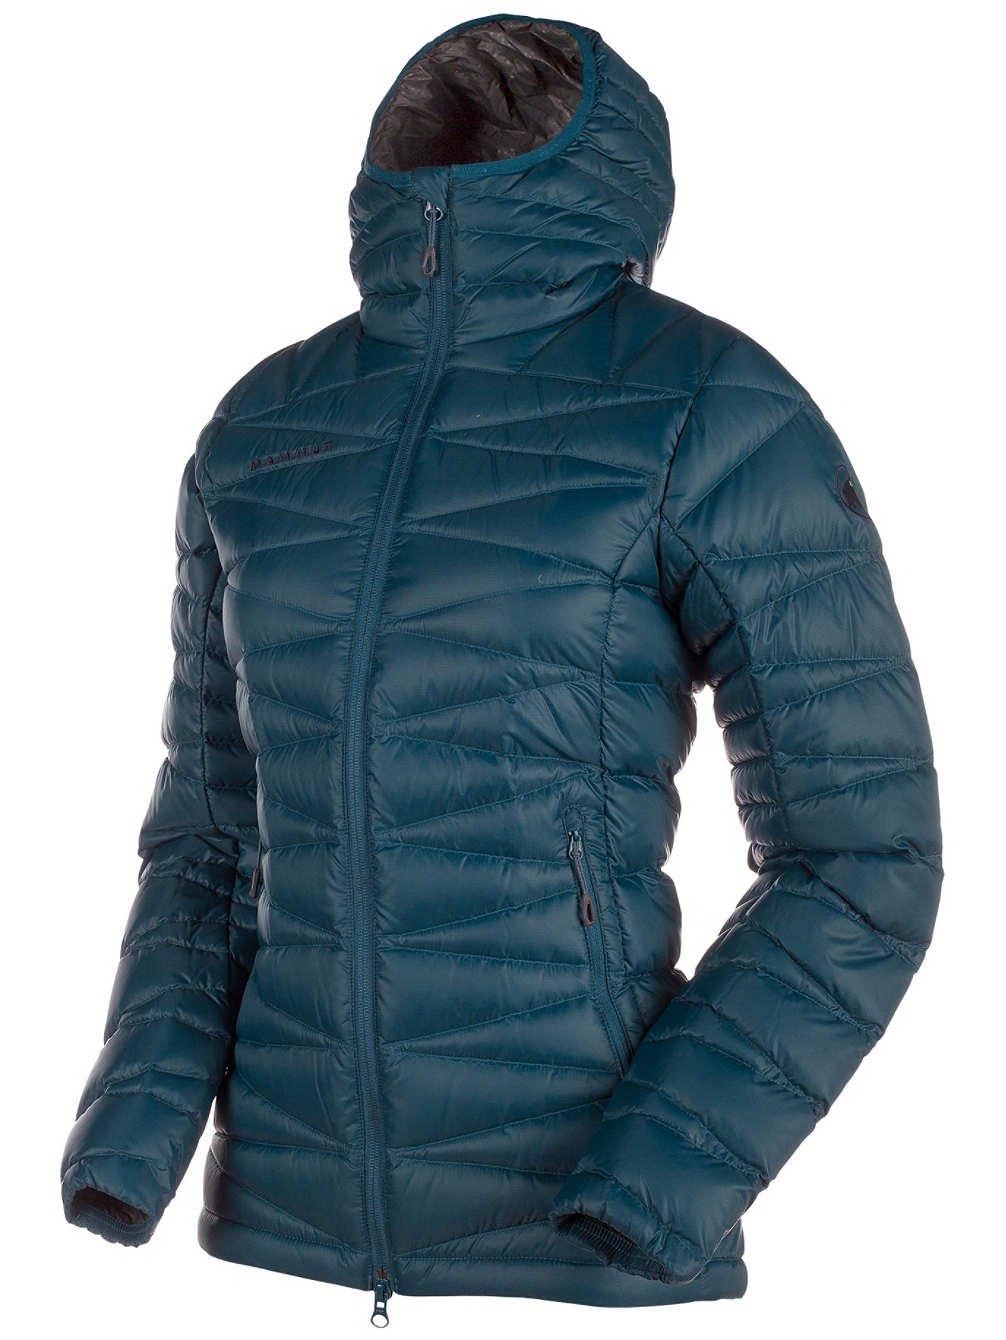 Mammut Miva IS Hooded Women's Jacket orion L B072FKVV47